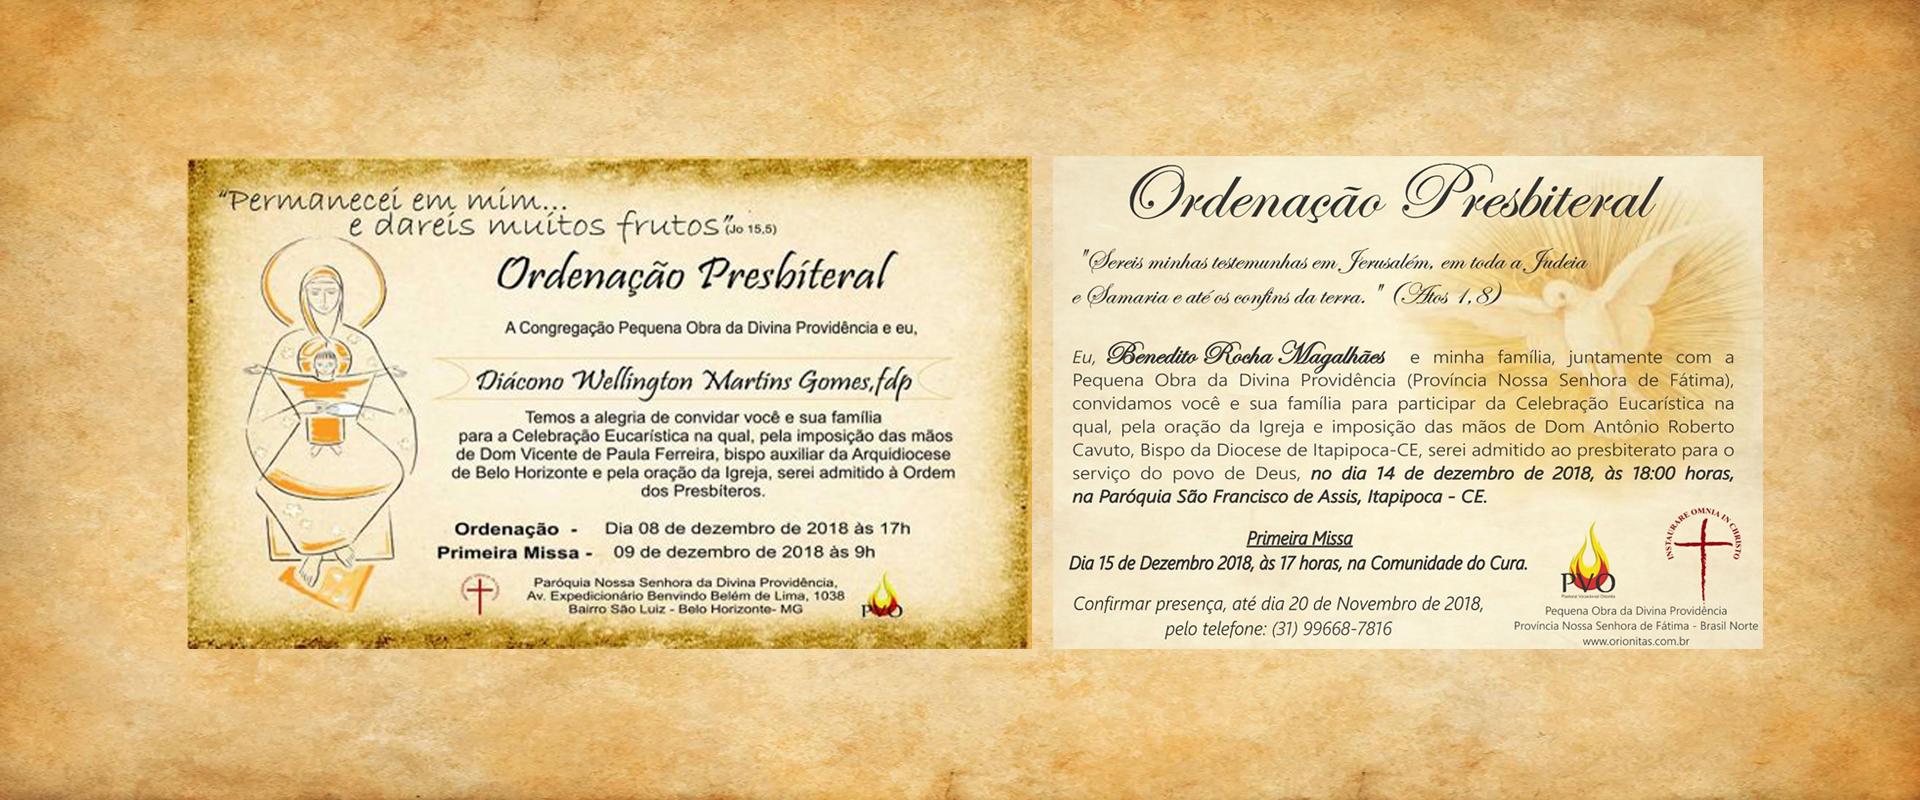 CONVITE – ORDENAÇÃO PRESBITERAL – DC WELLINGTON MARTINS GOMES e DC BENEDITO ROCHA MAGALHÃES